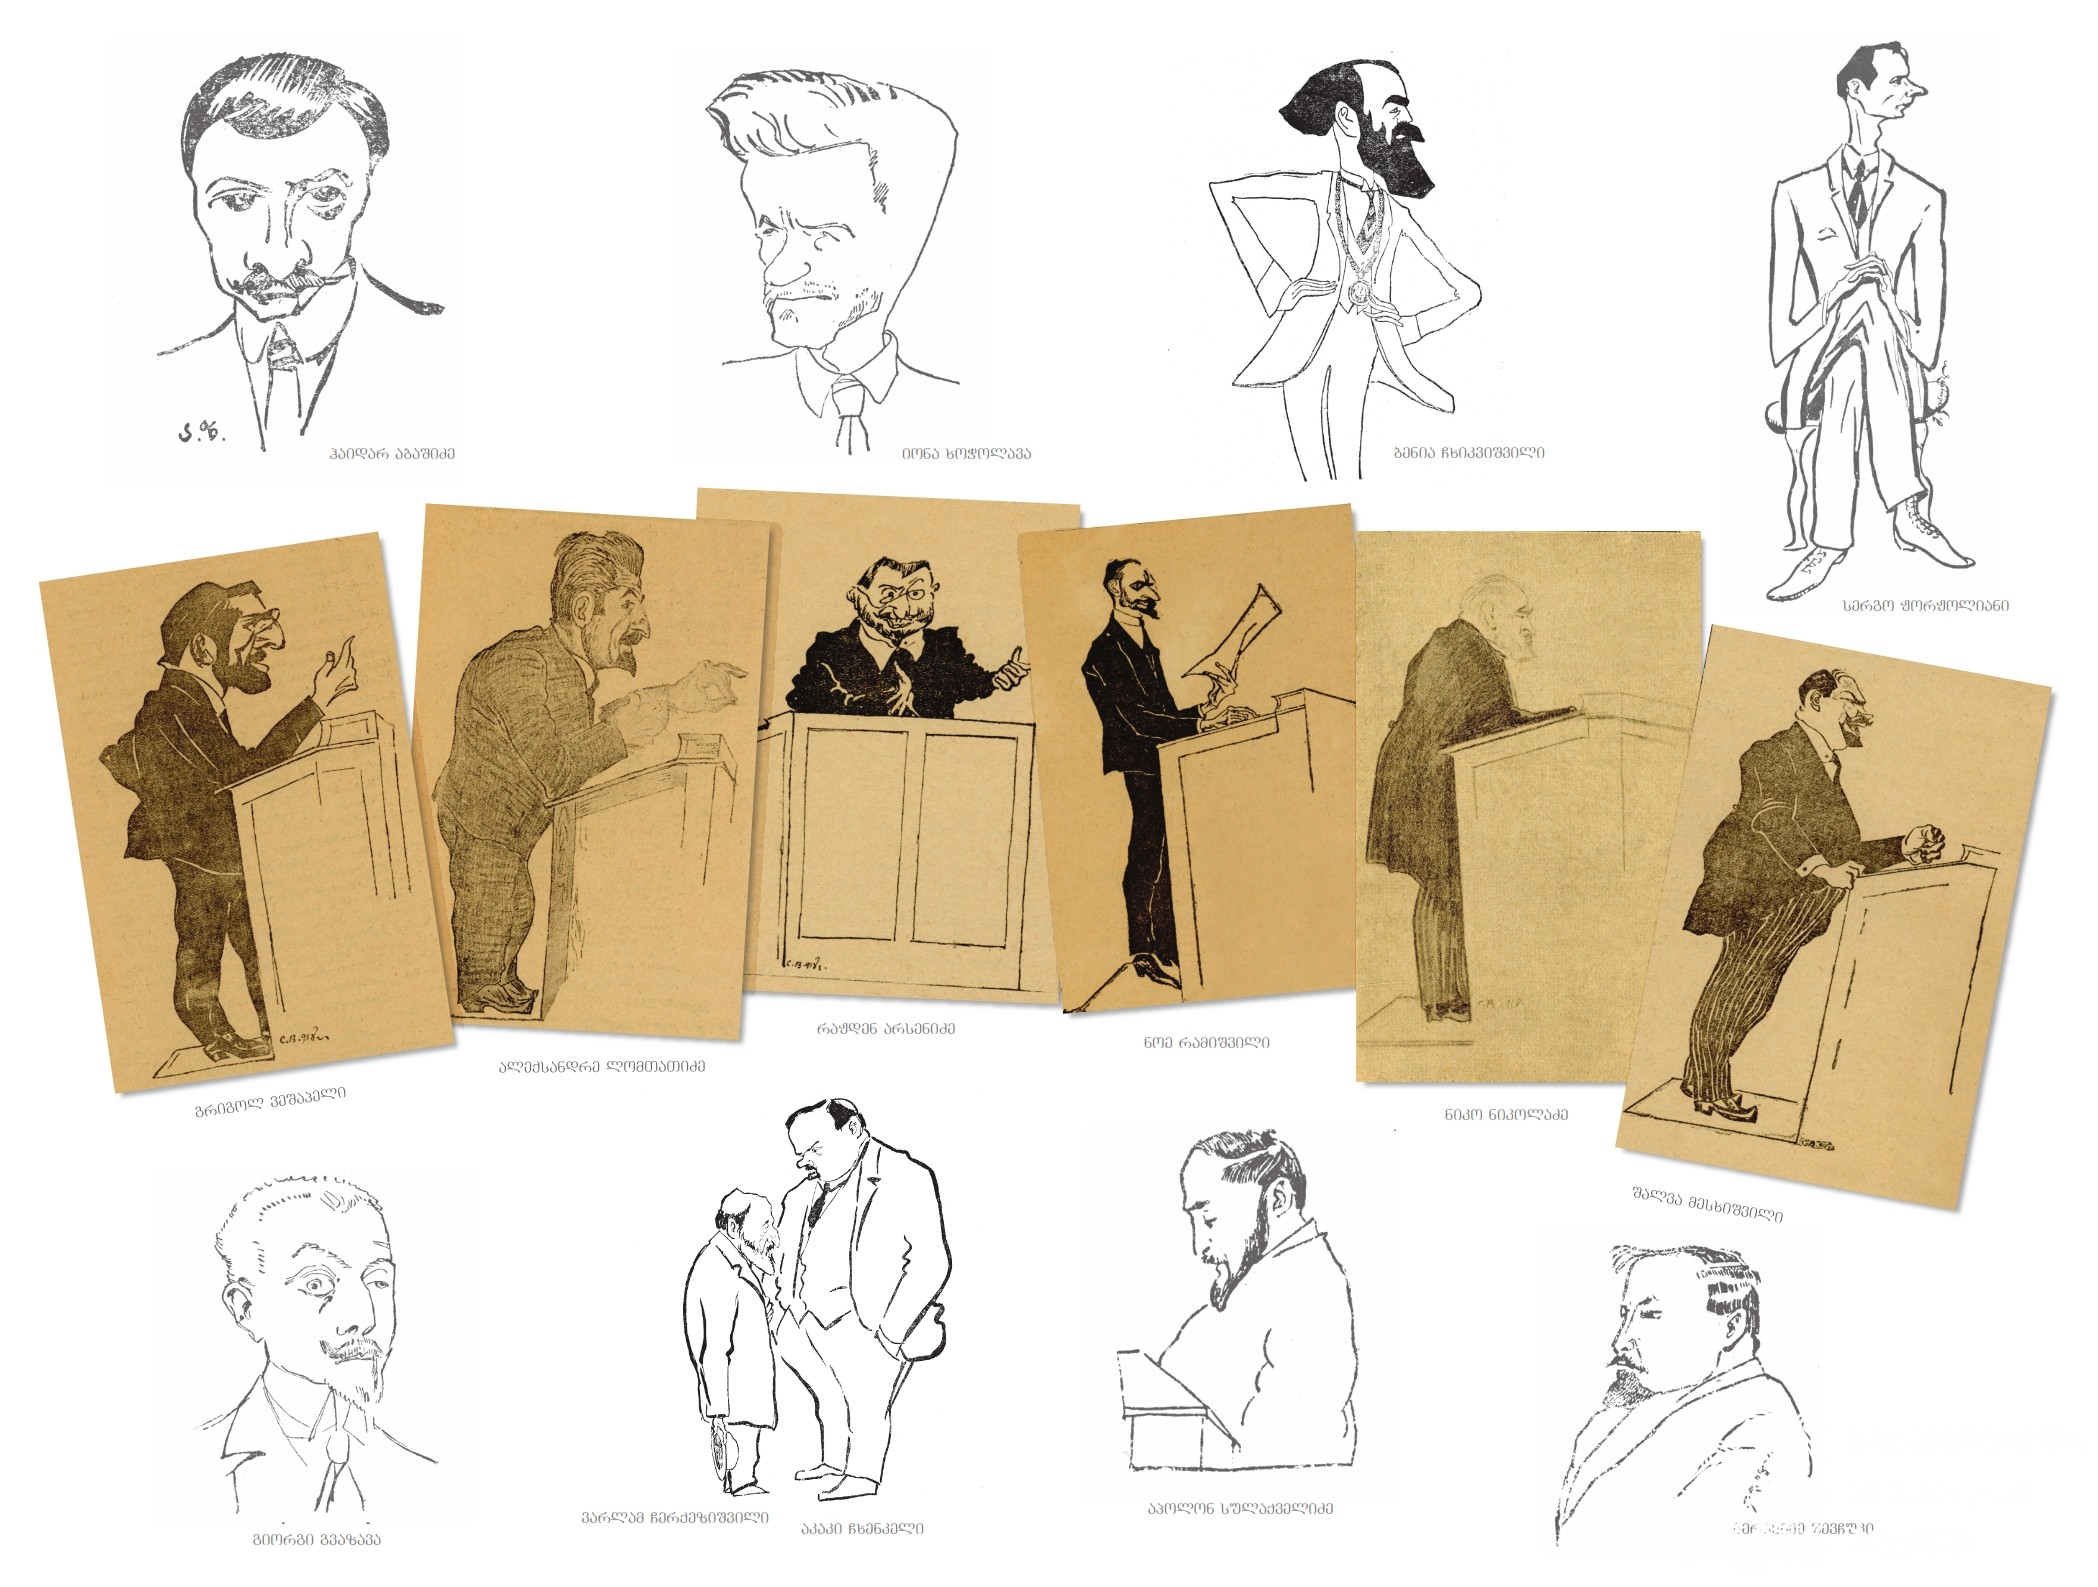 საქართველოს რესპუბლიკის ცნობილი პოლიტიკოსებისა და სახელმწიფო მოხელეების შარჟები 1920-21 წლების პერიოდული გამოცემებიდან. <br> Caricatures of famous politicians and officials of the Republic of Georgia from the periodicals of 1920-21